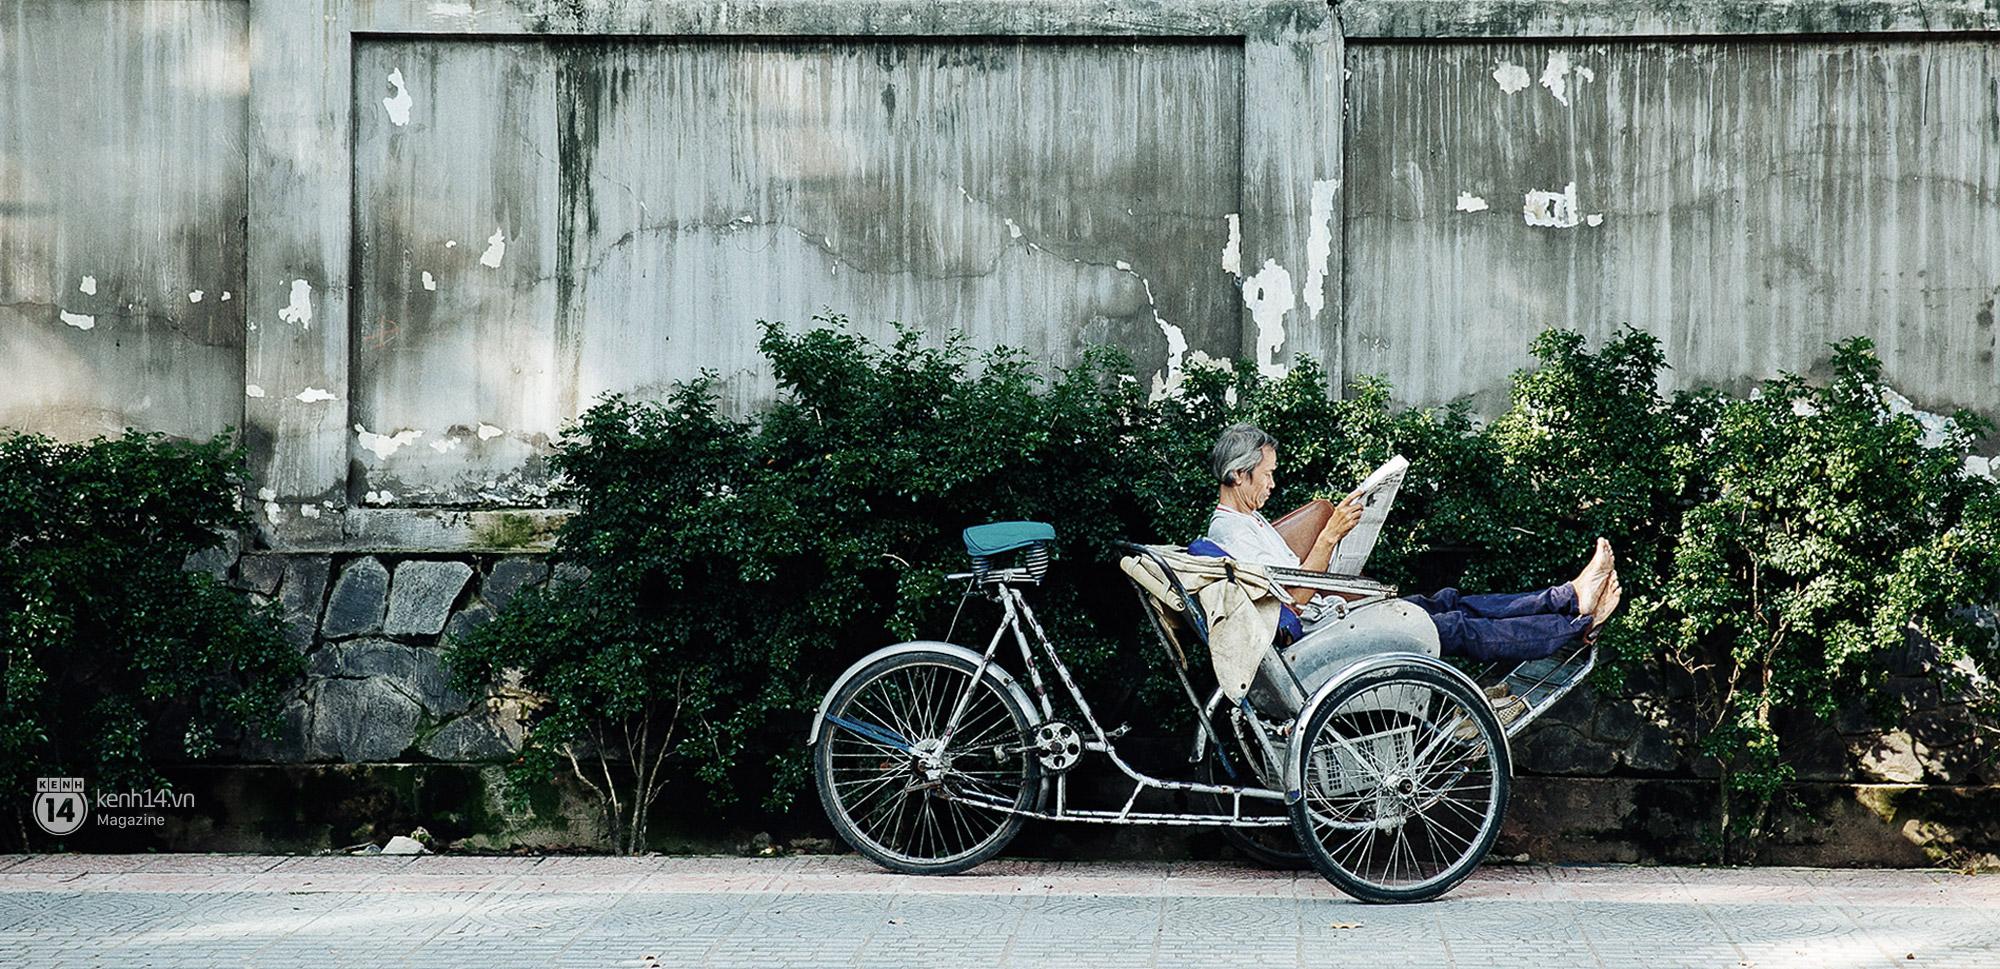 Những khoảnh khắc rất thảnh thơi giữa lòng một Sài Gòn nhộn nhịp.